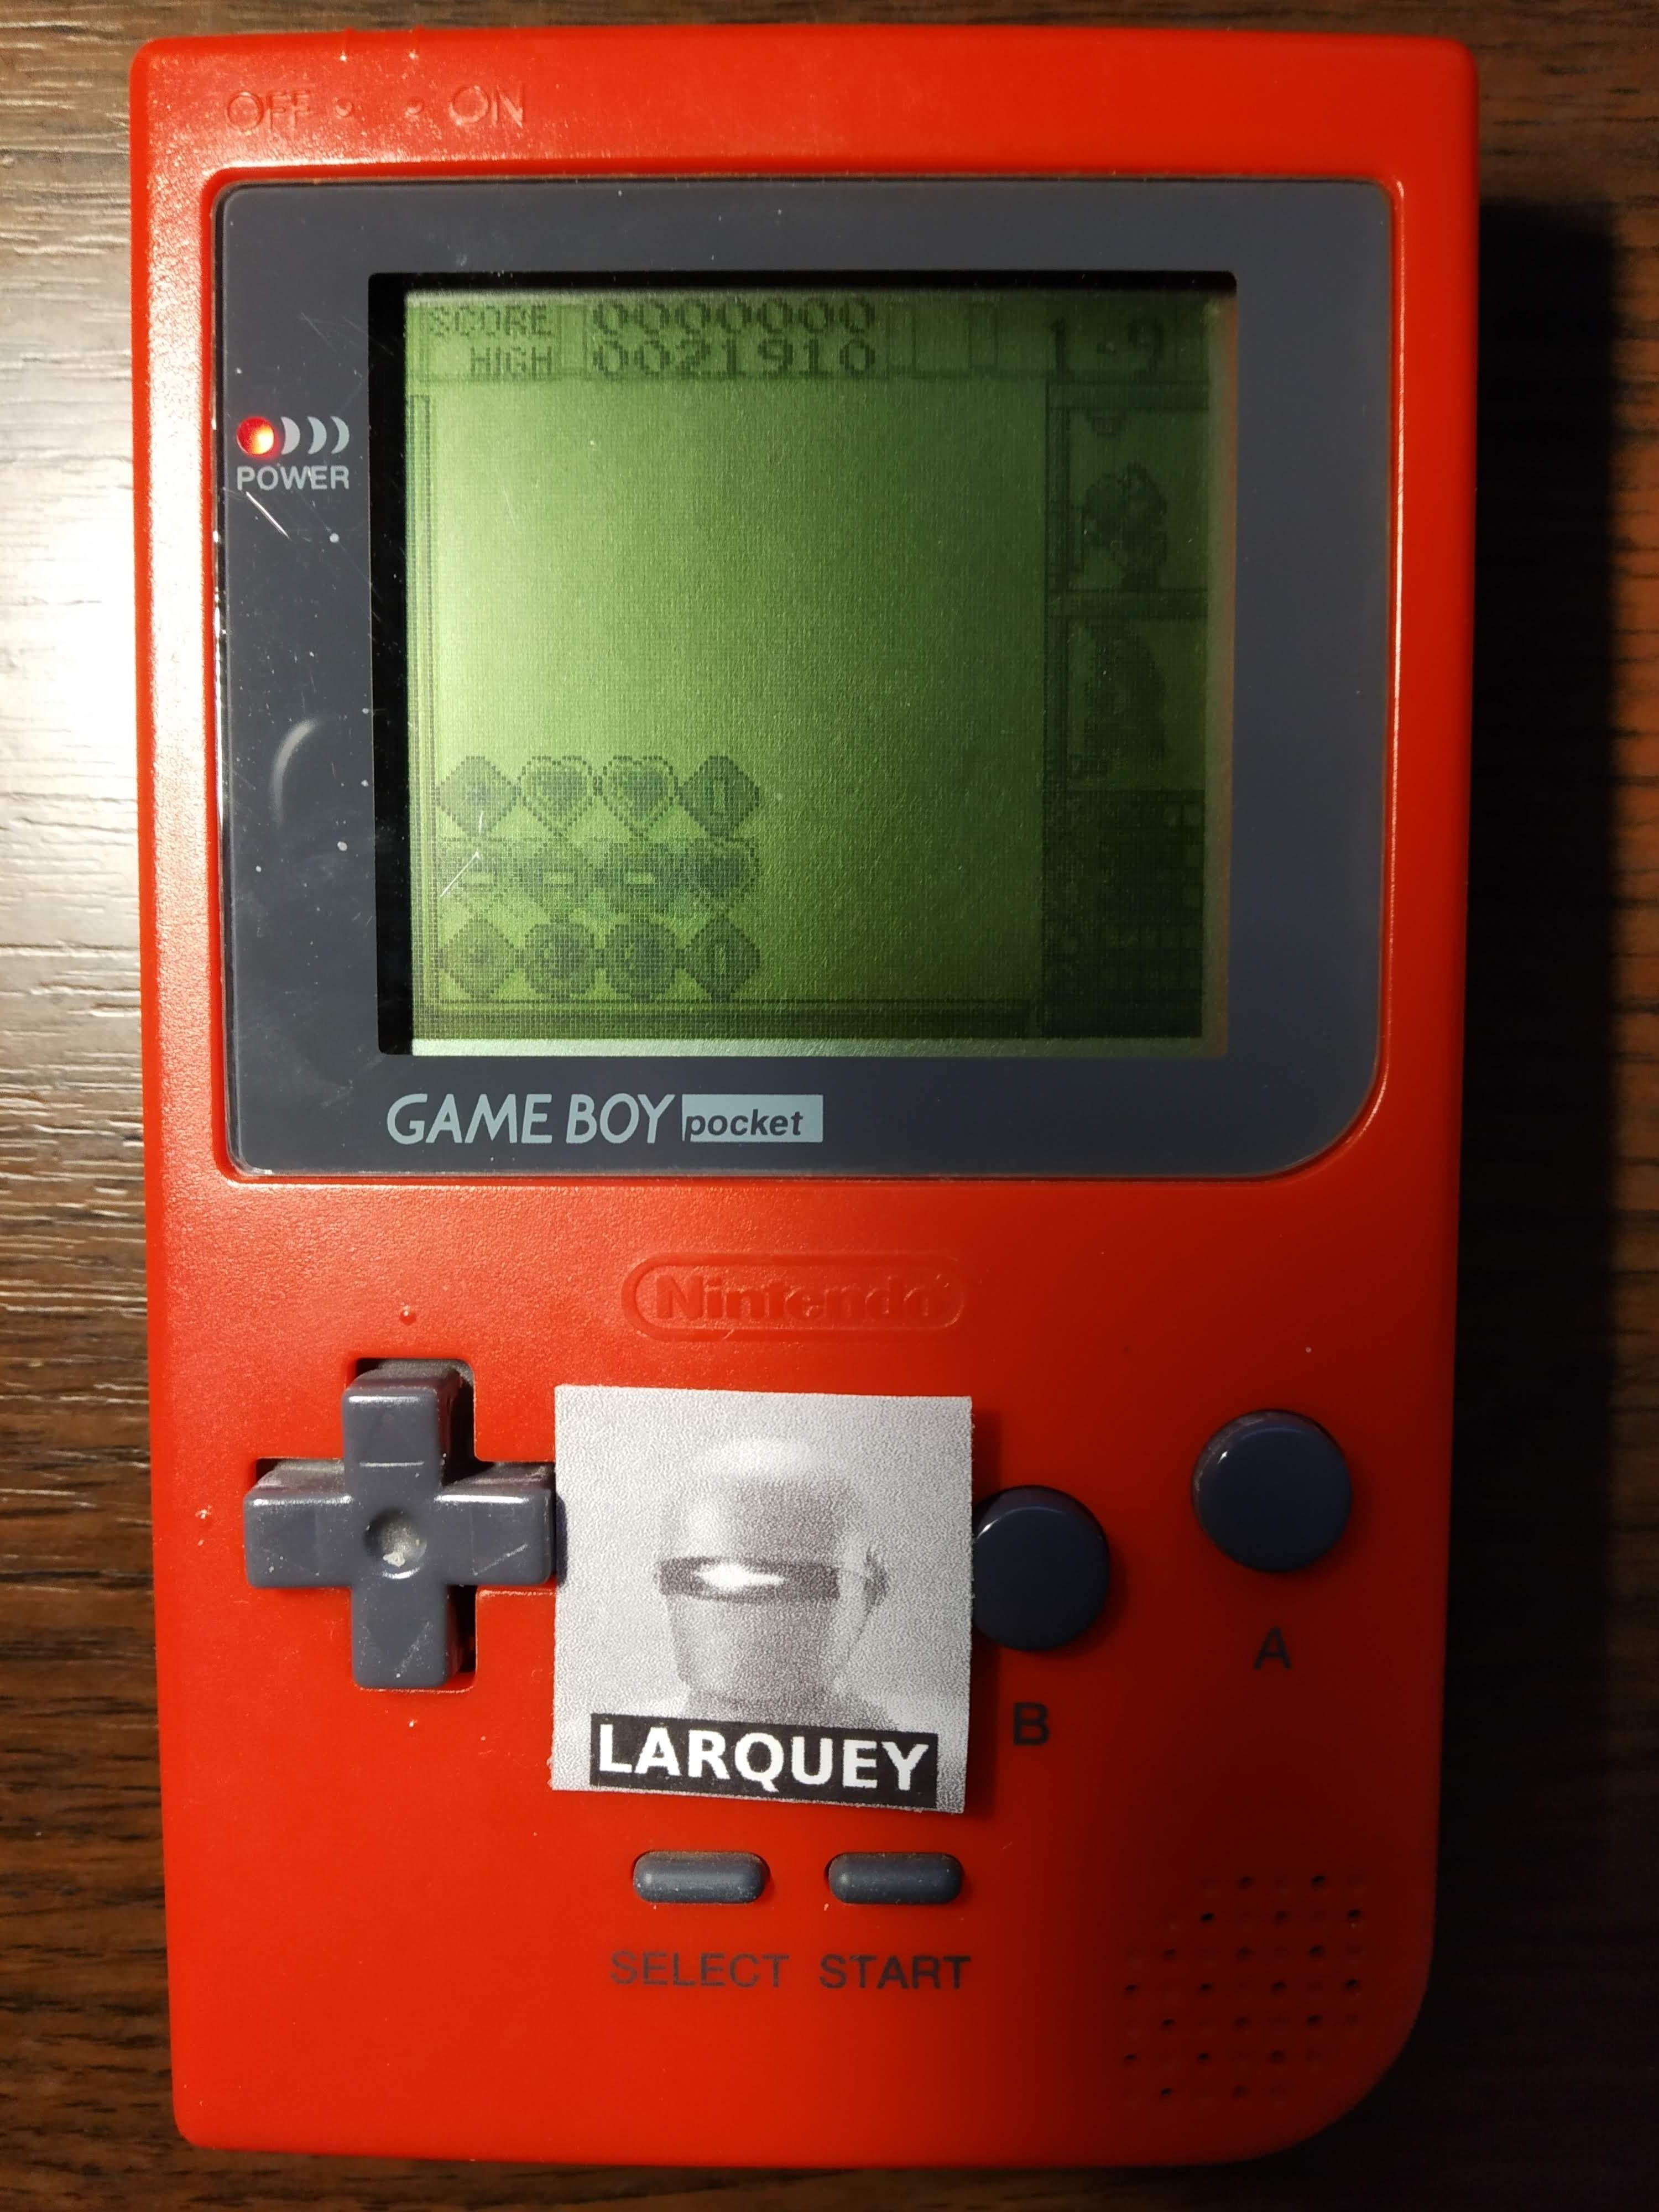 Larquey: Yoshi